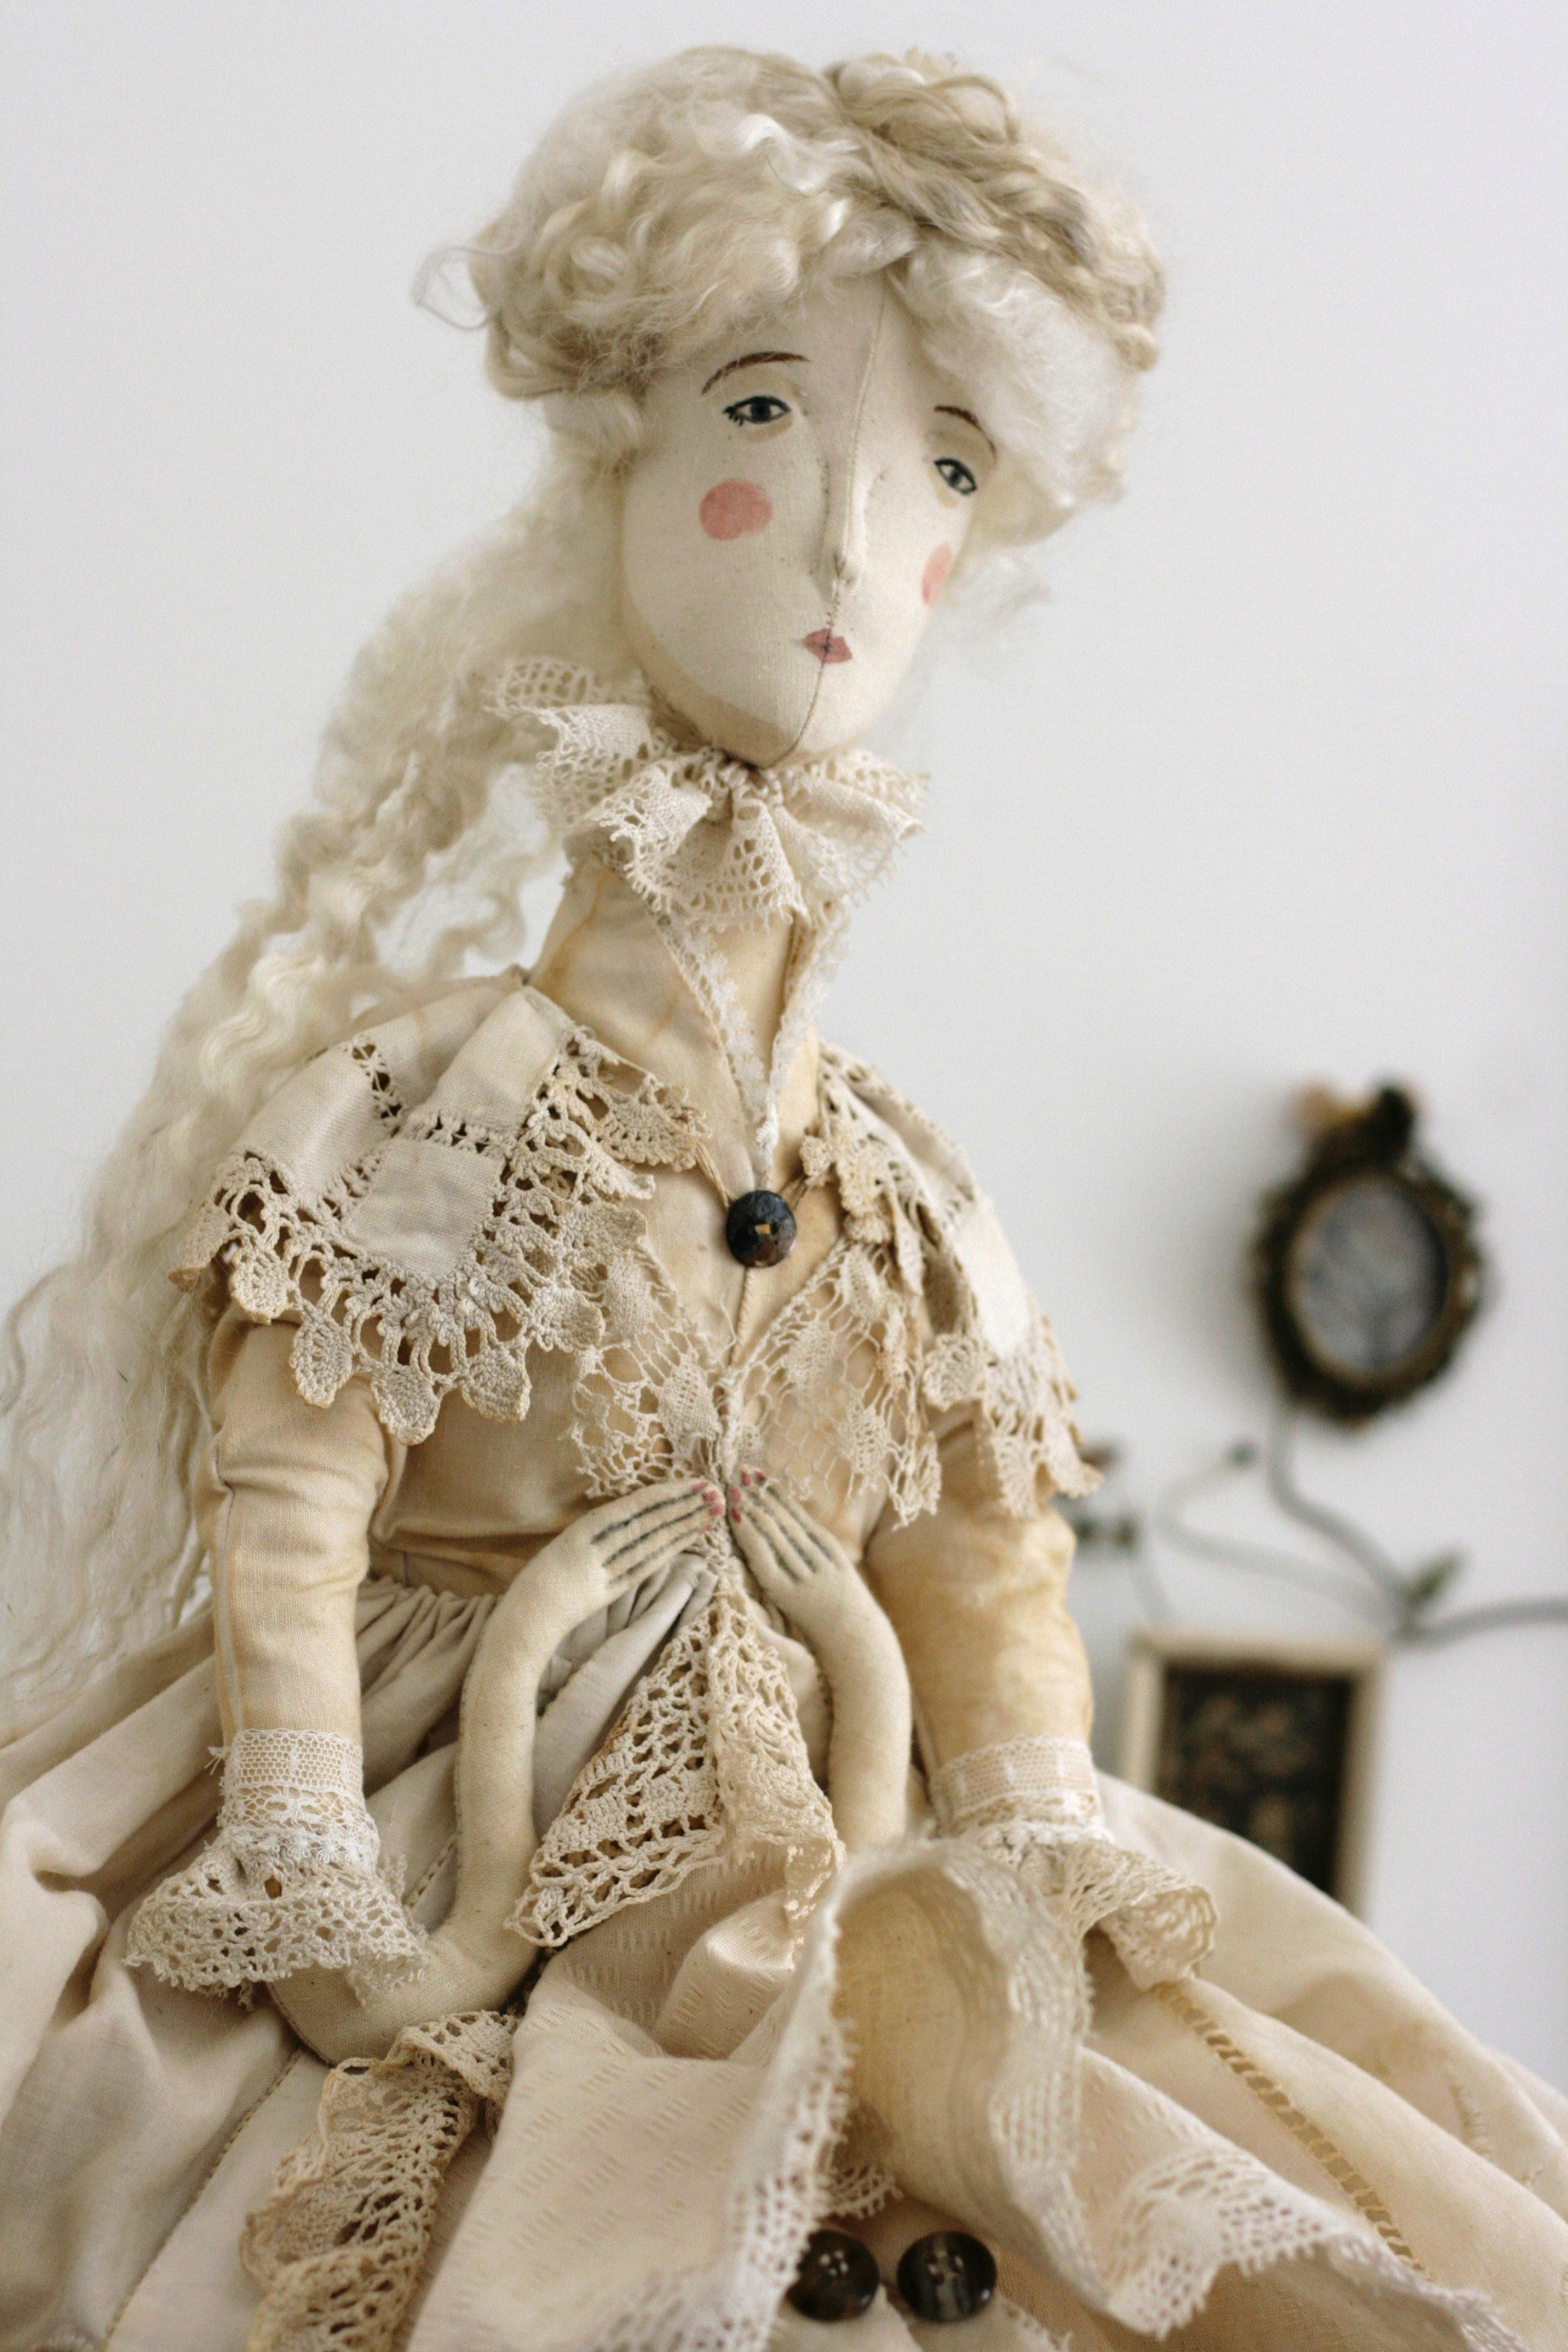 textile doll pantovola